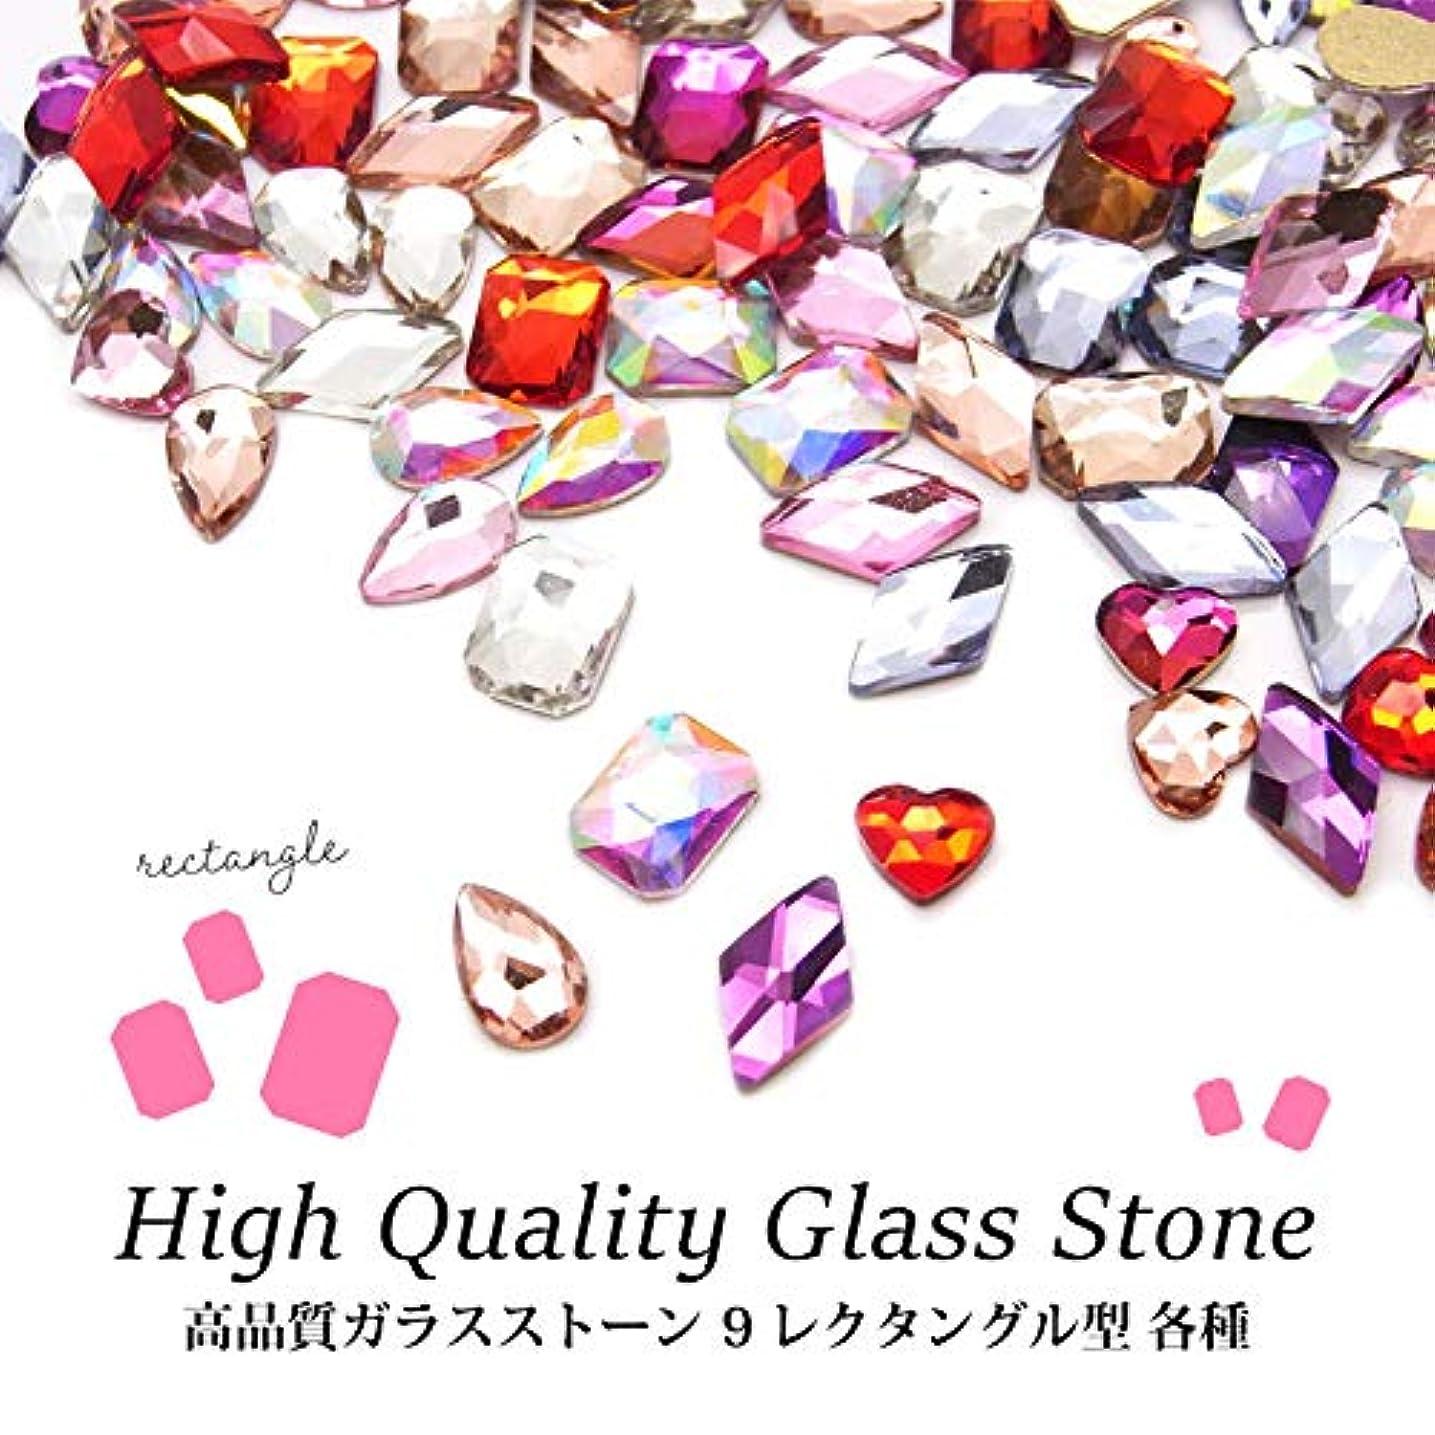 カール六準拠高品質ガラスストーン 9 レクタングル型 各種 5個入り (4.ライトシャム)